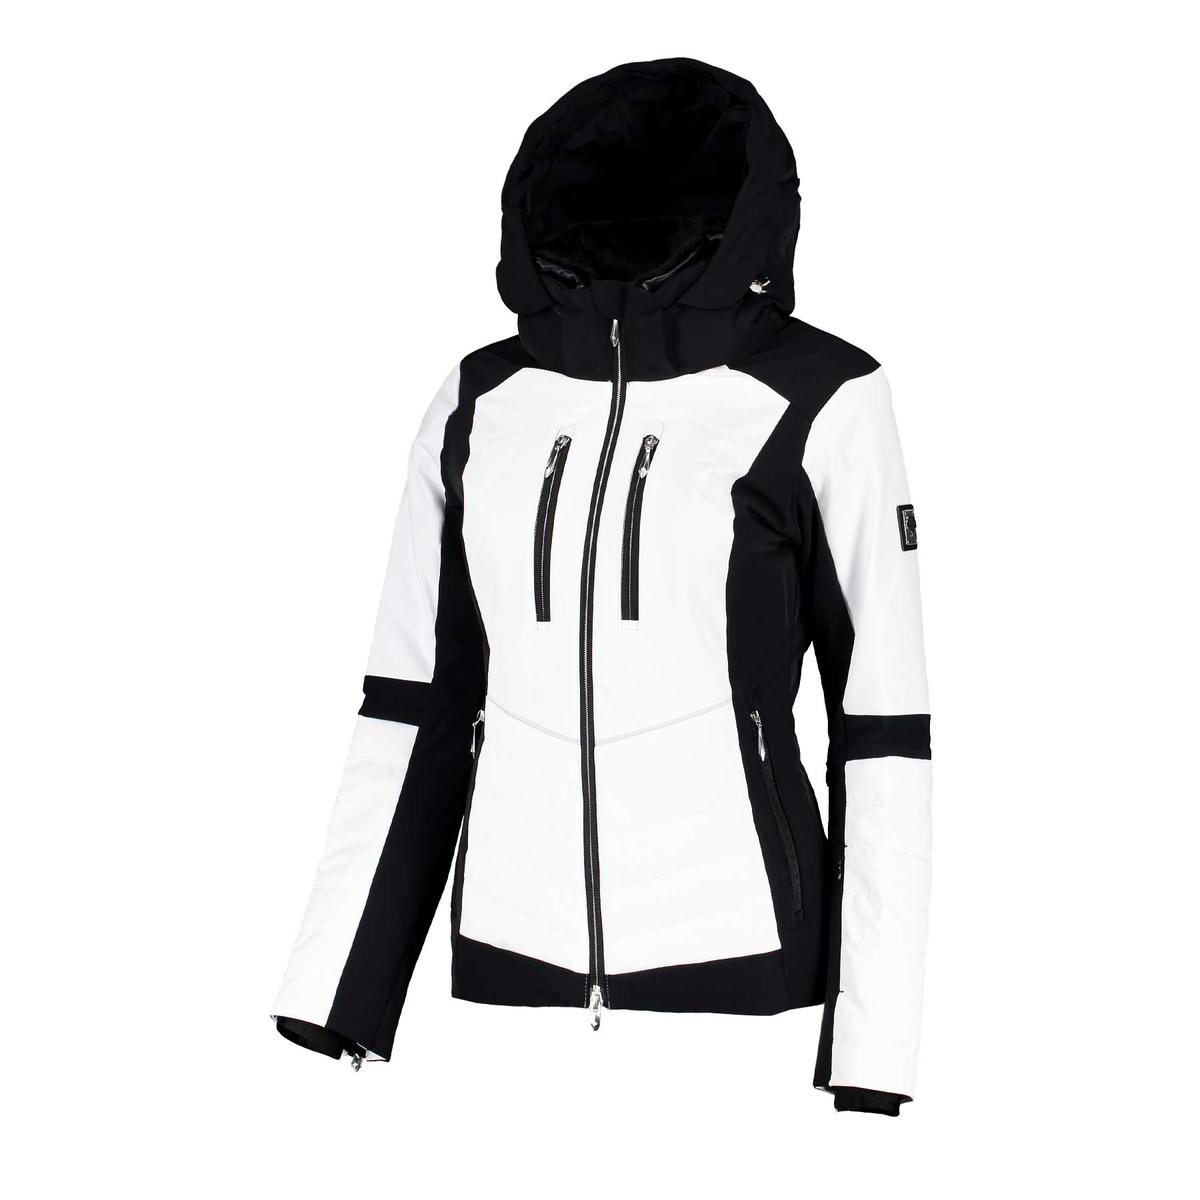 Prezzi Descente giacca cicily donna